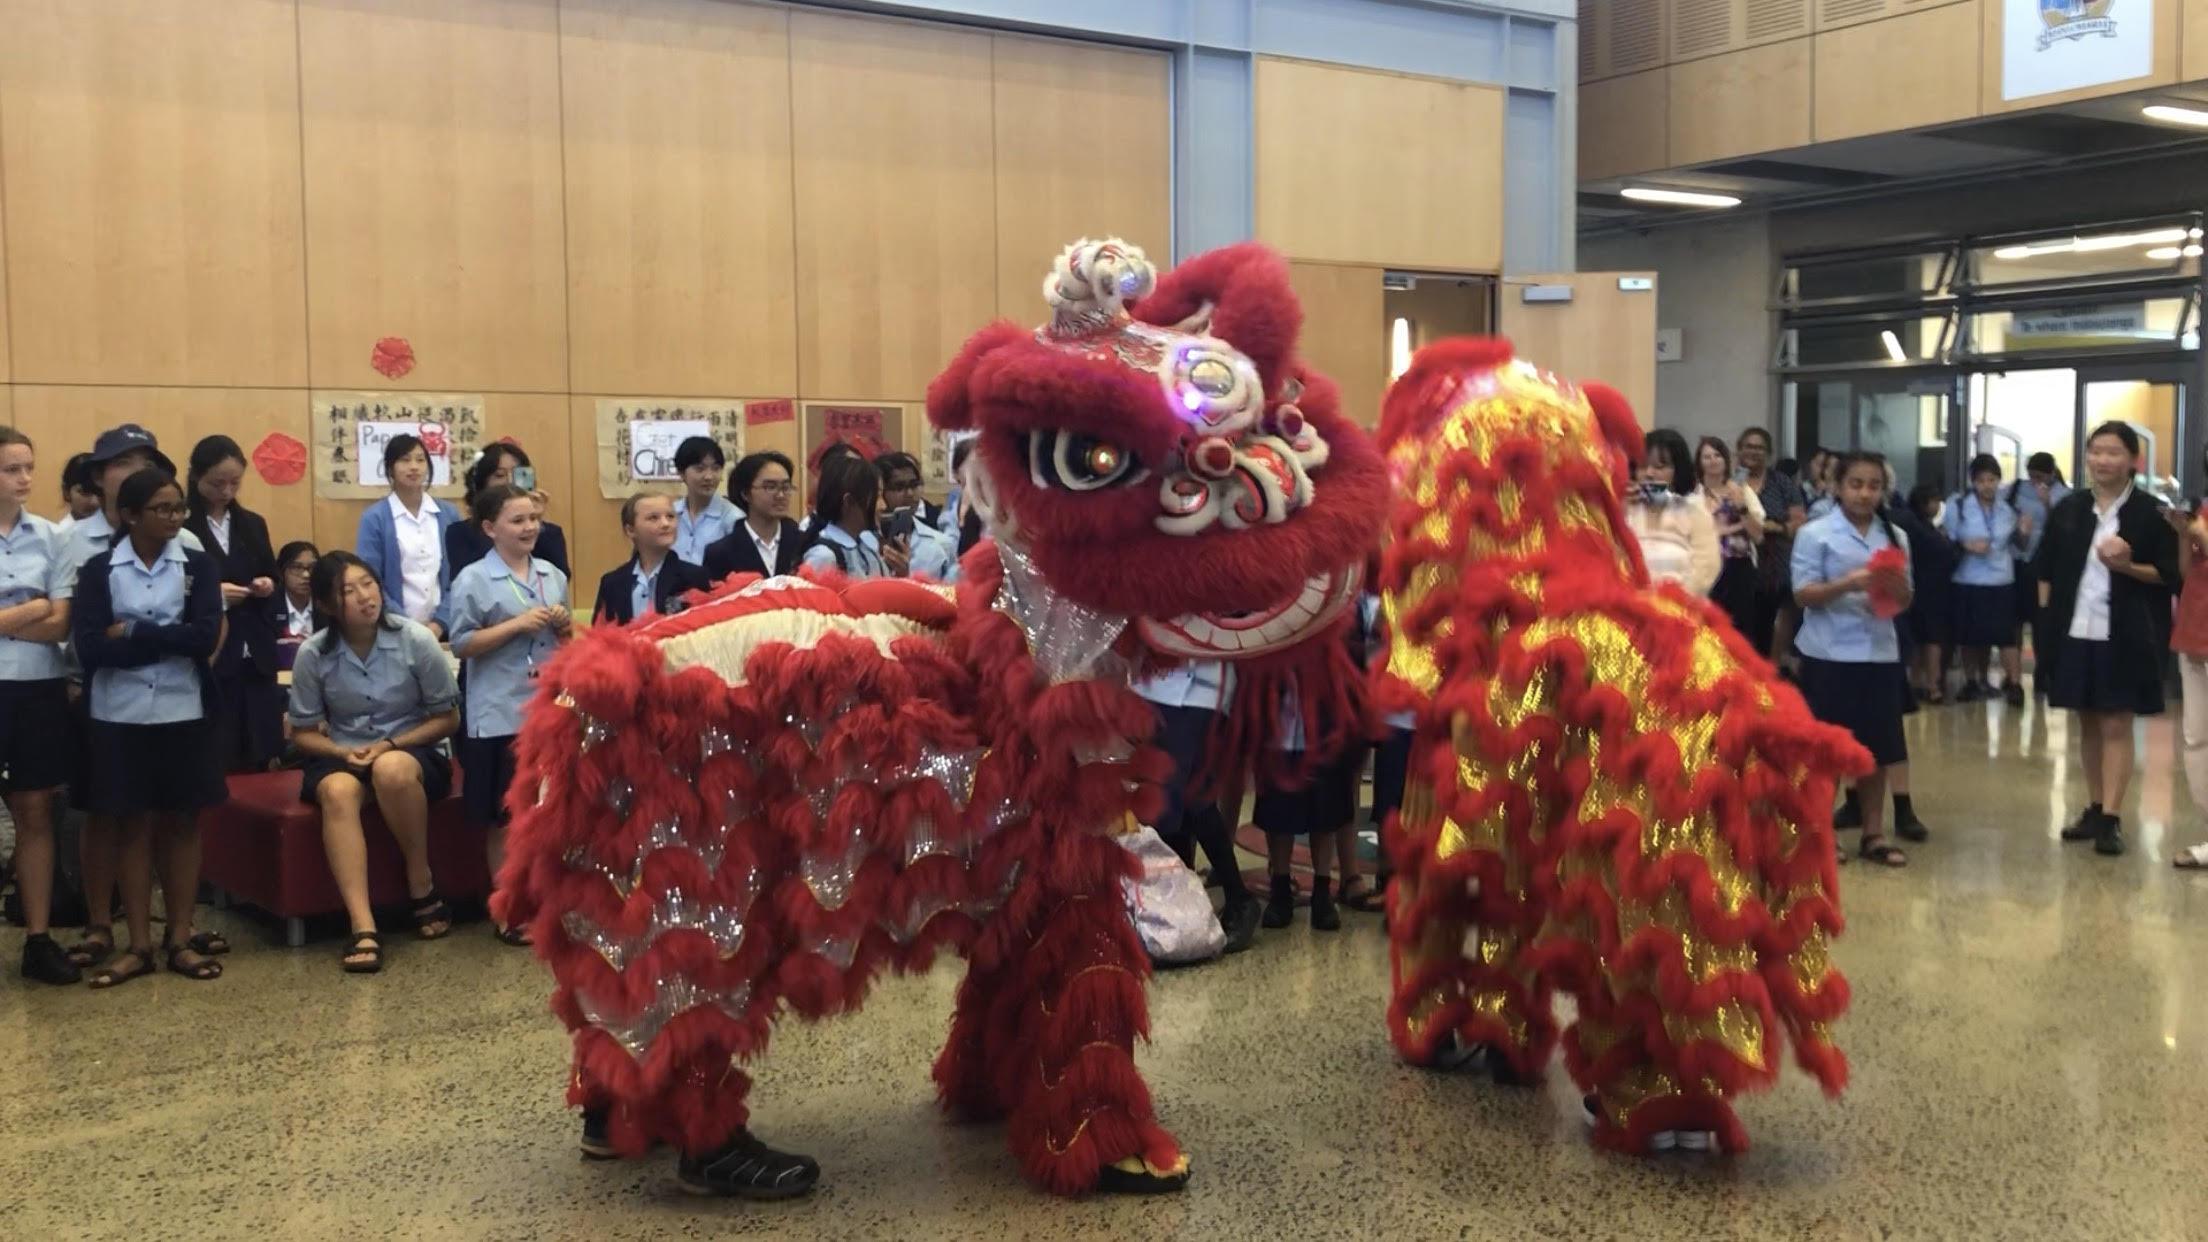 Carmel Celebrates Chinese New Year